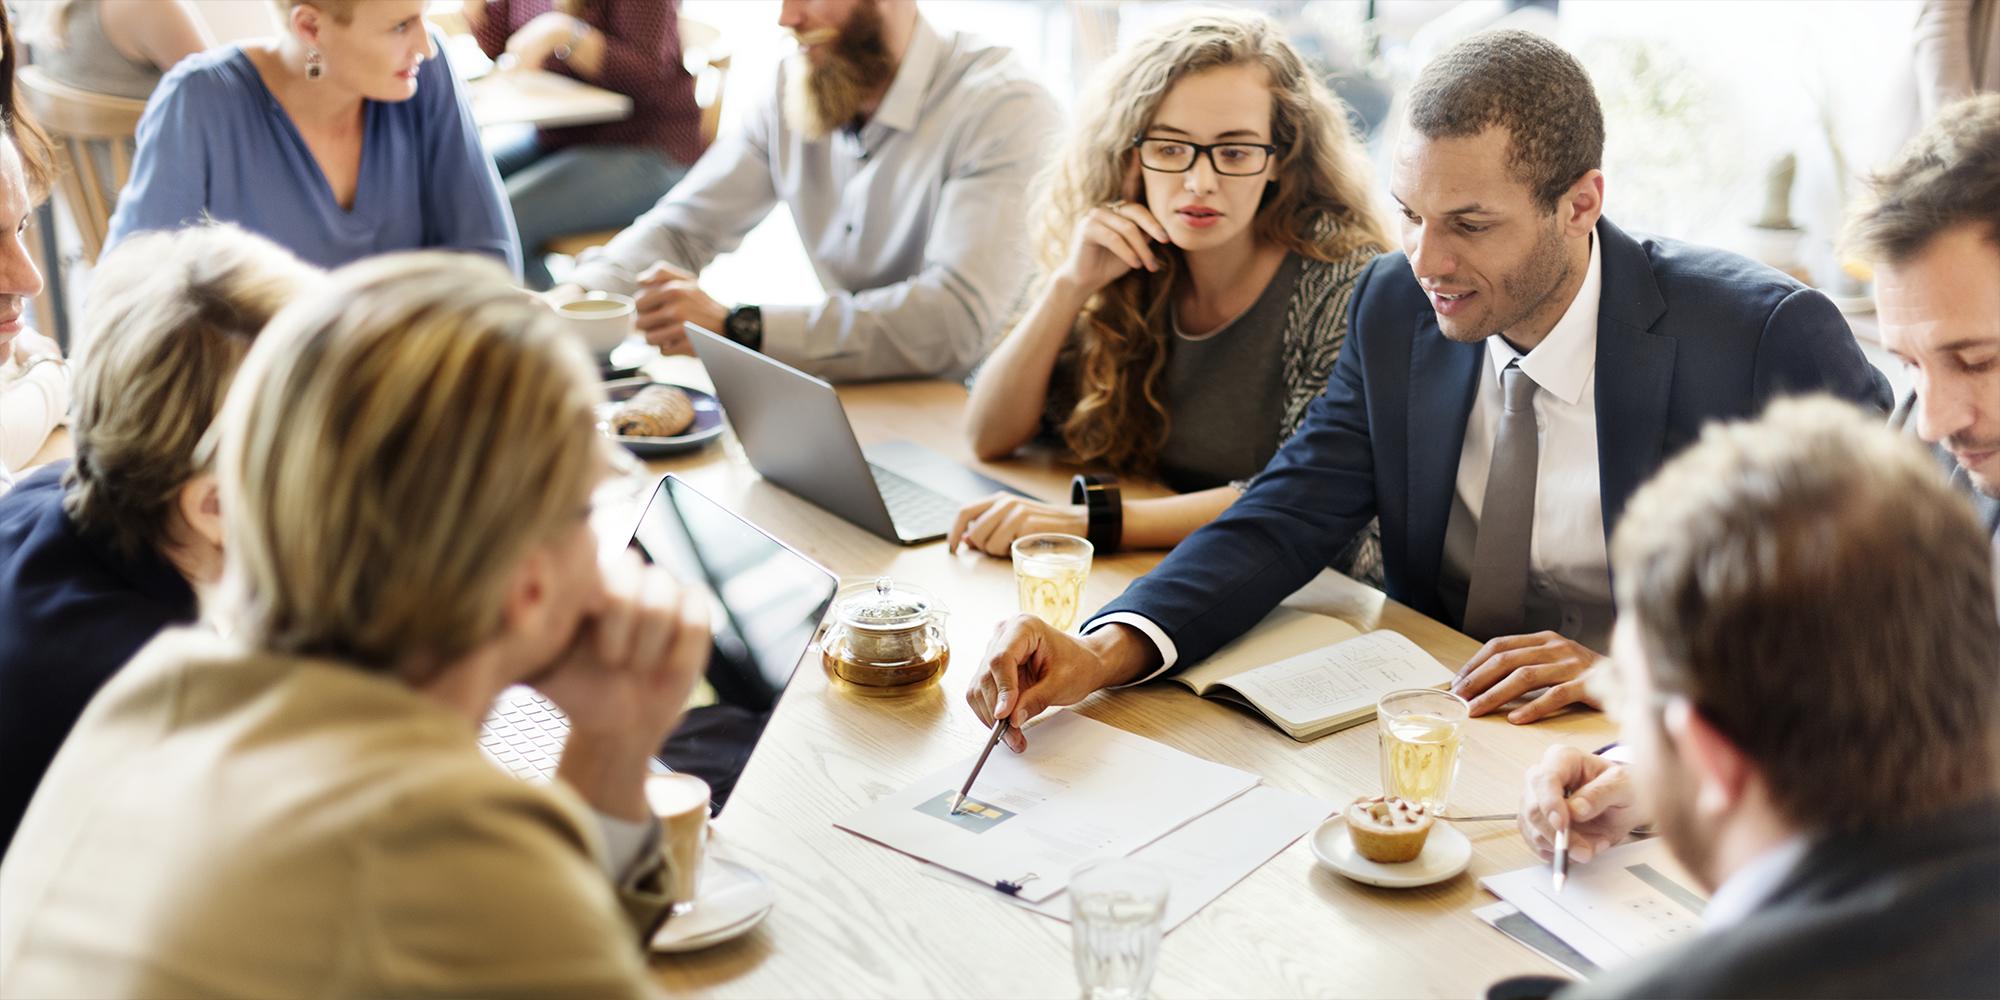 Você costuma participar de fóruns de discussão na advocacia? Saiba como isso pode ajudá-lo!